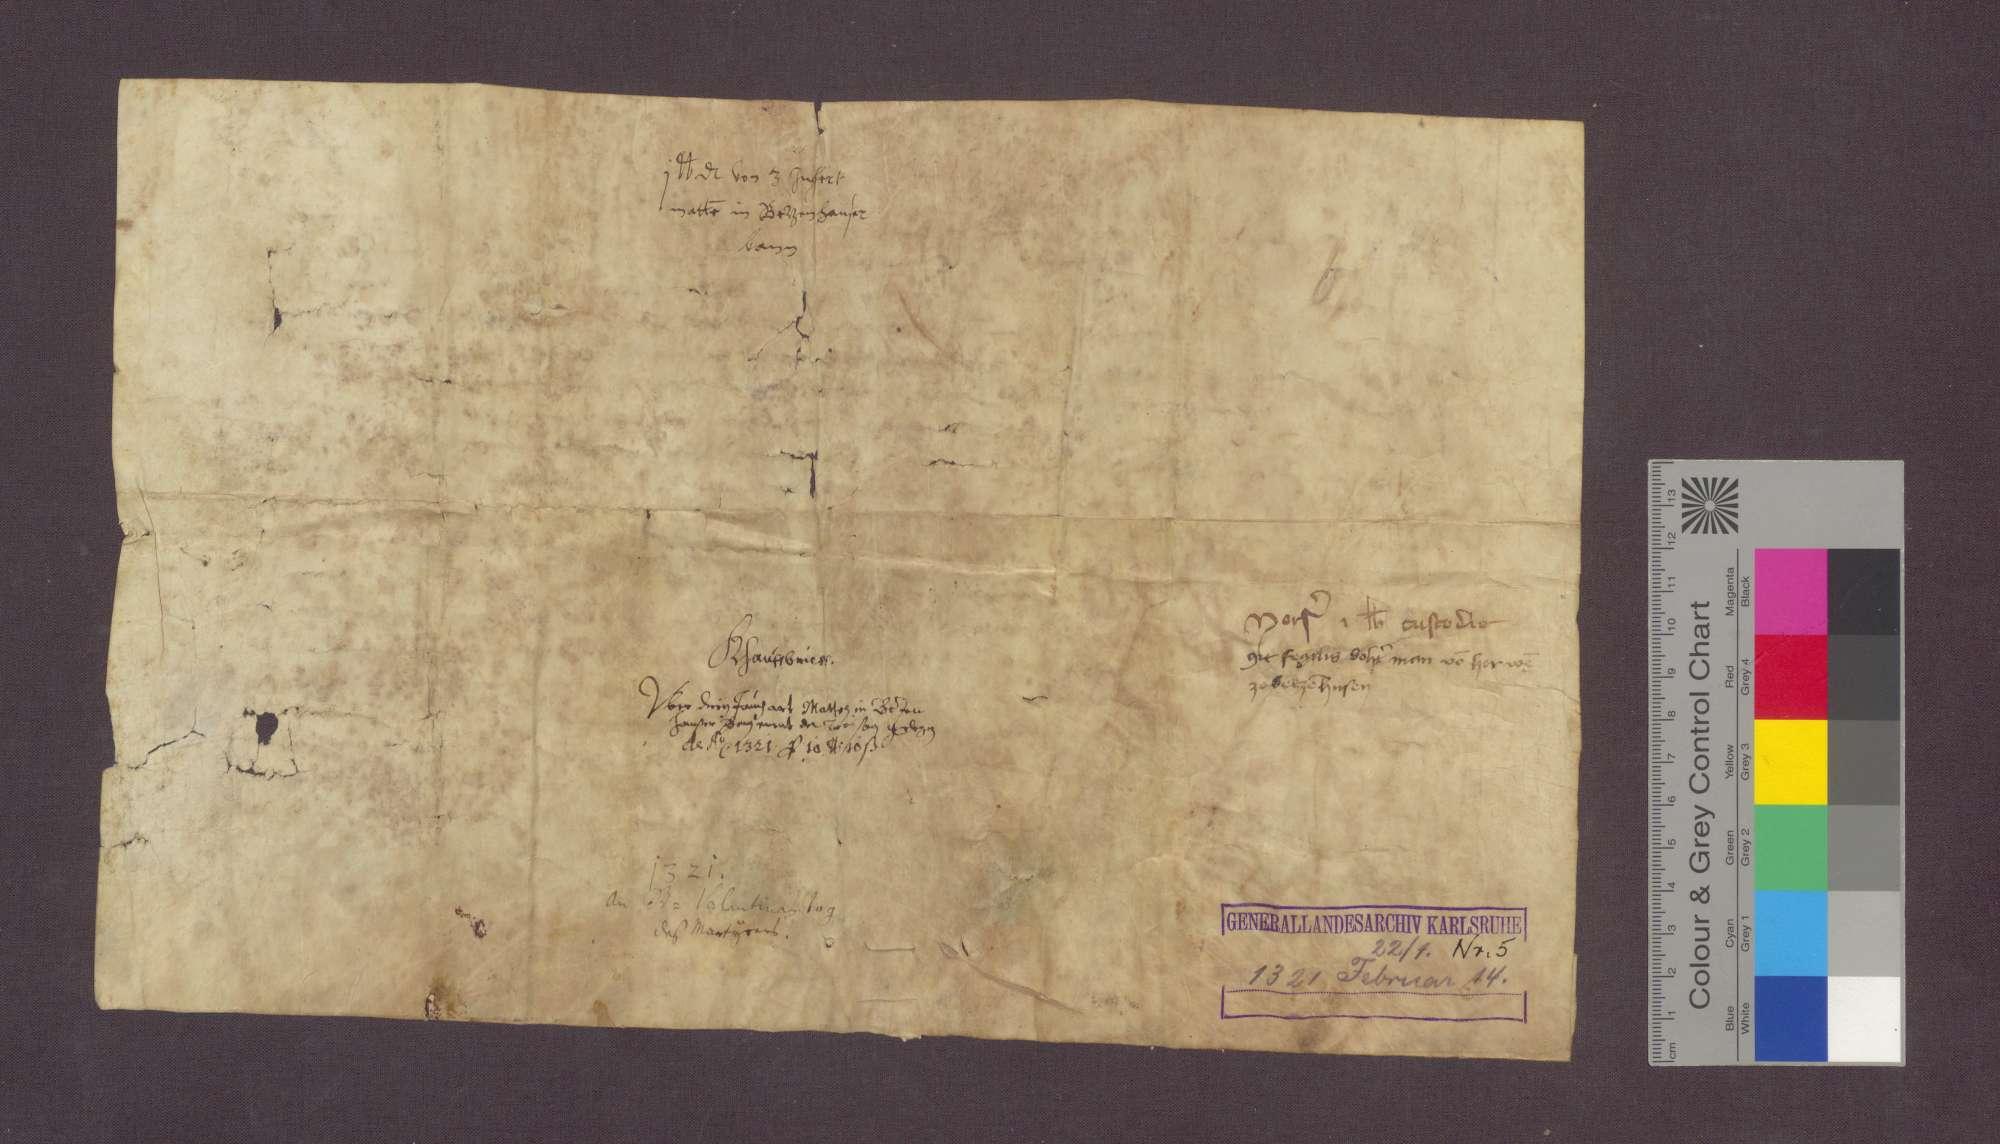 Heinrich der Löffeler von Freiburg verkauft dem Johann Werre gen. der Stecher, Bürger zu Freiburg, eine jährliche Gült von 1 Pfund Pfennigen Freiburger Währung von 3 Juchert Matten in Betzenhauser Bann um 18 Pfund 10 Schilling Pfennige., Bild 2